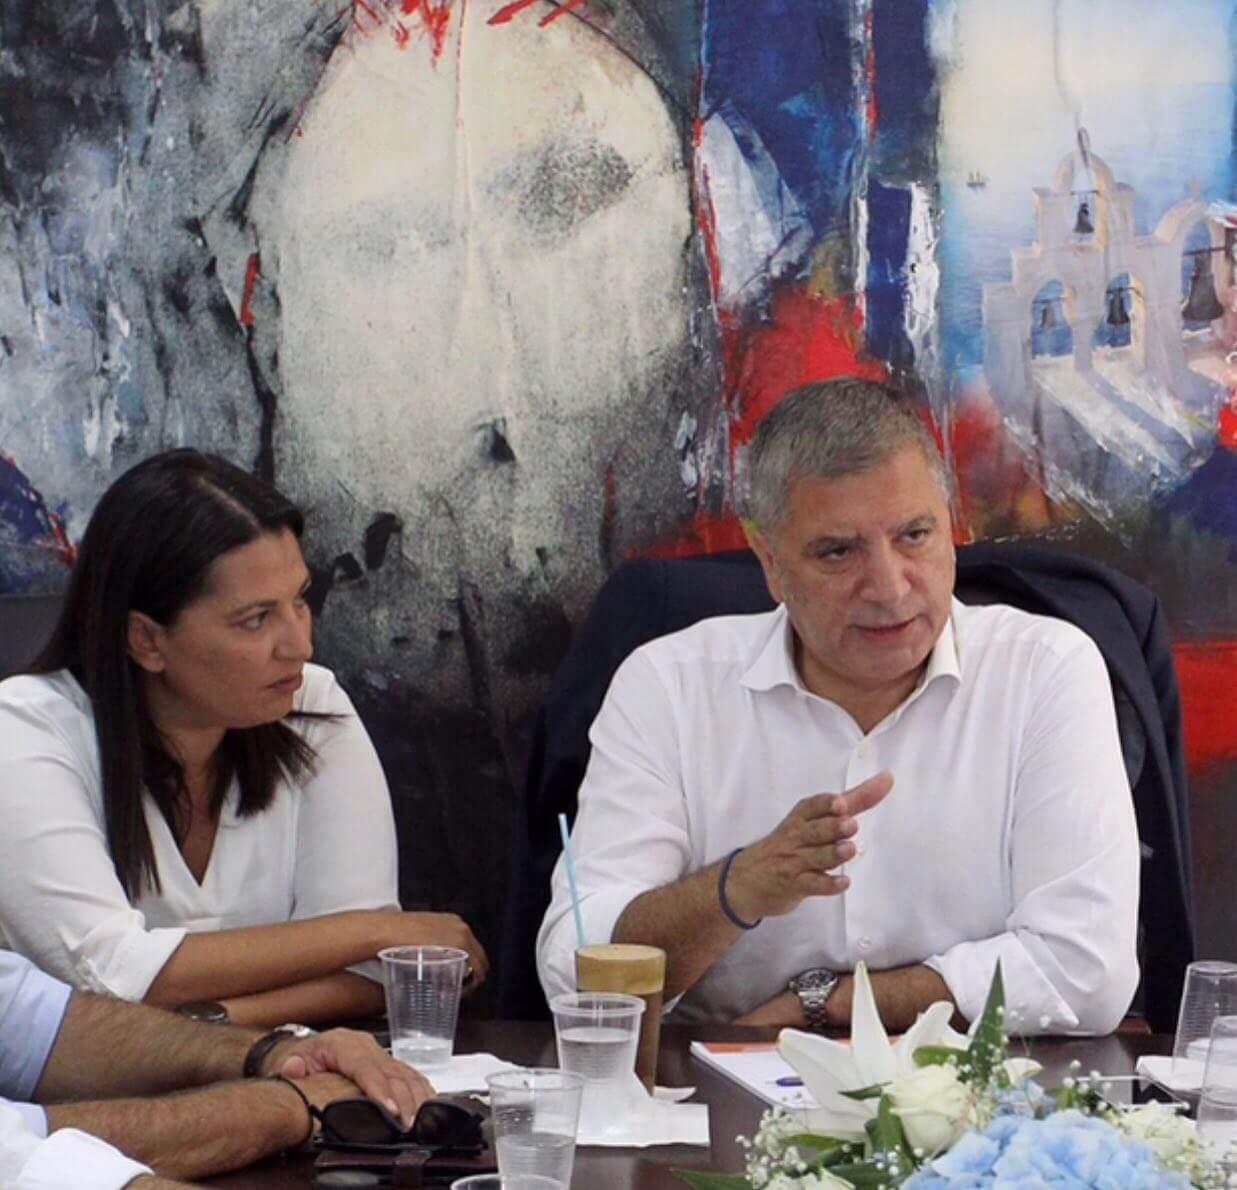 Ένας χρόνος διοίκησης Πατούλη στην Περιφέρεια Αττικής - Το μήνυμα της Σταυρούλας Αντωνάκου